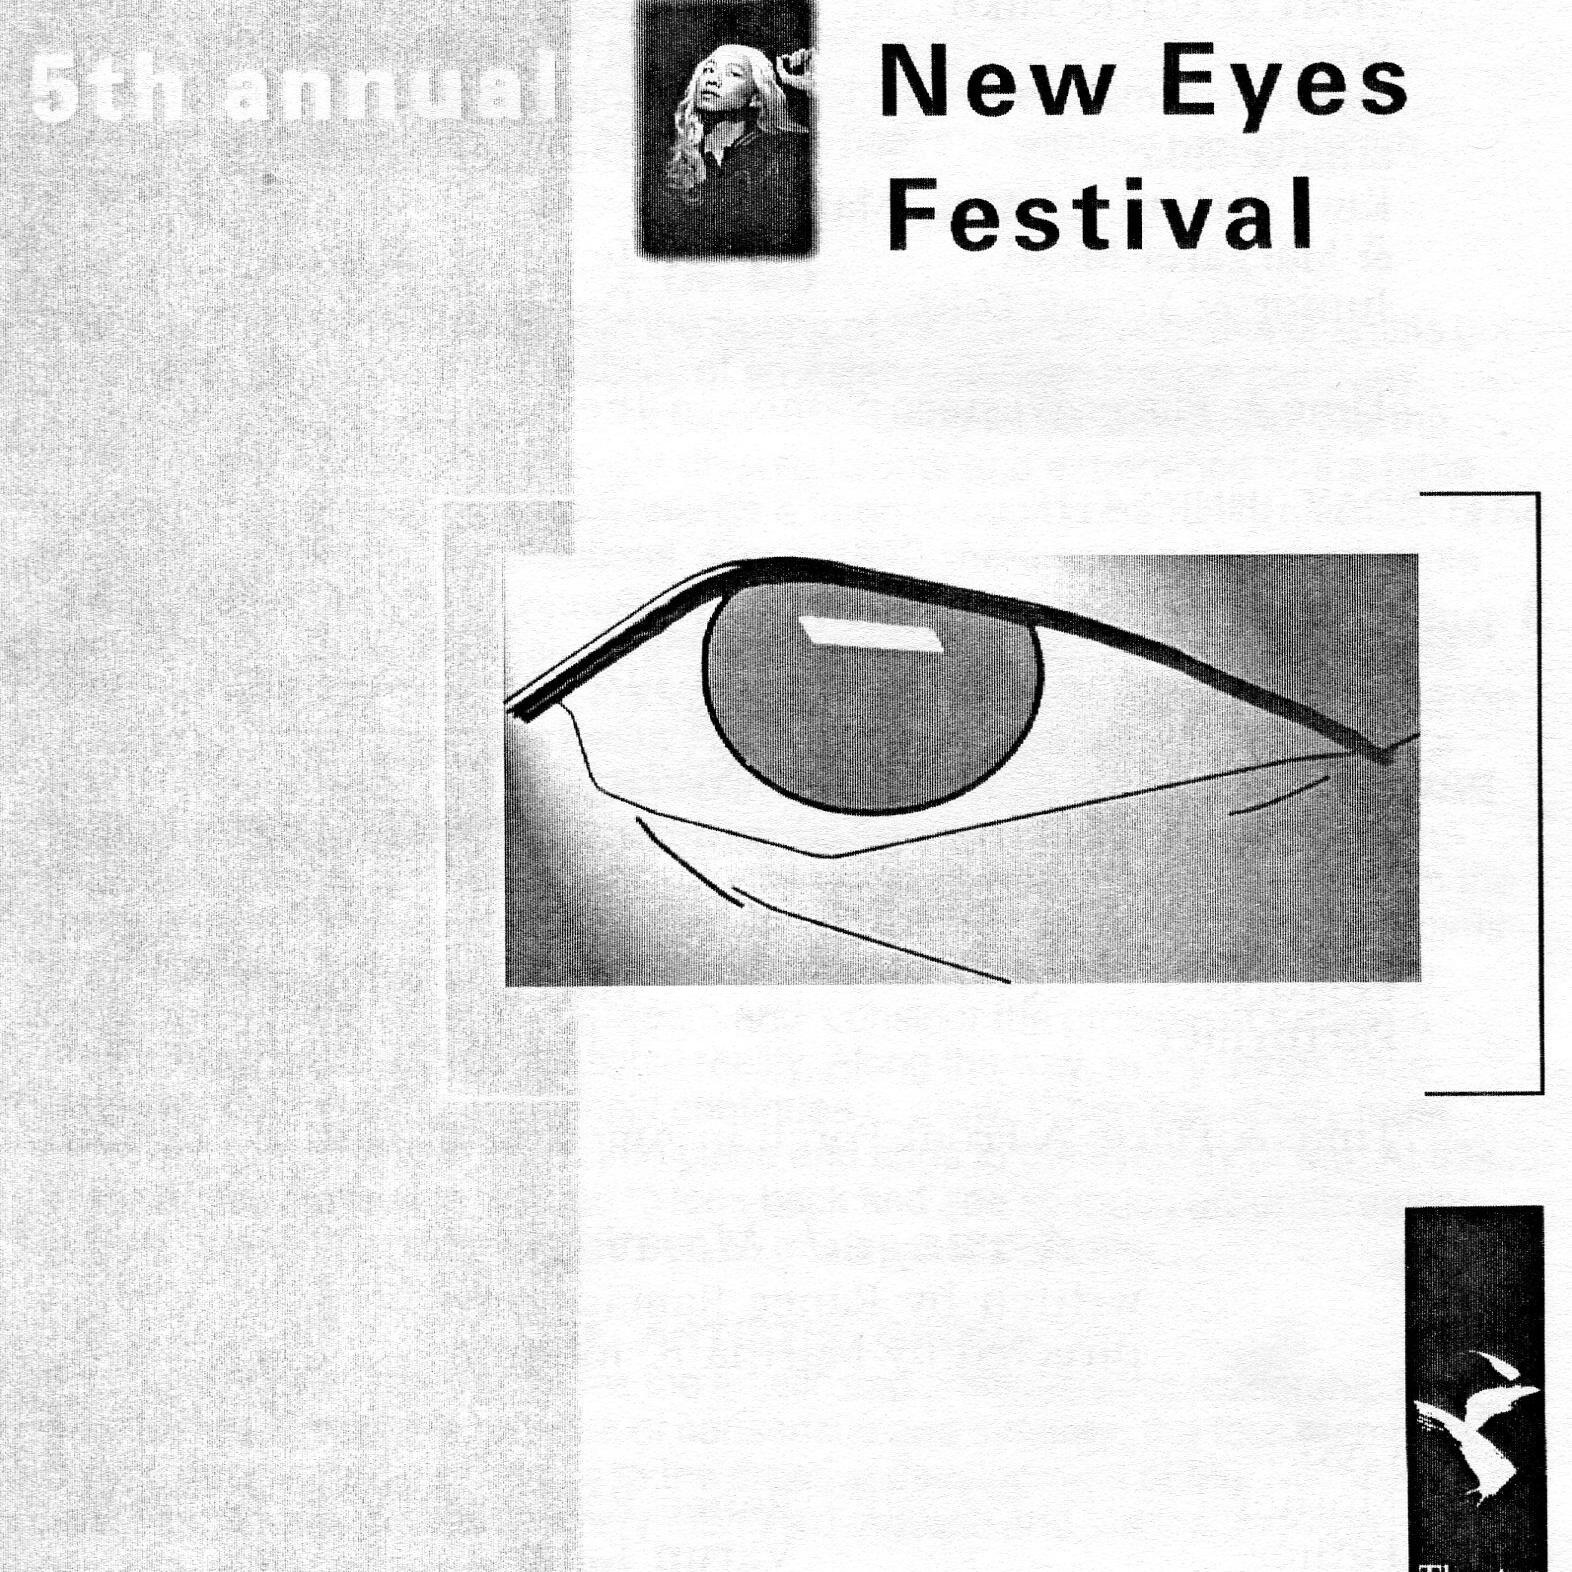 NEW EYES FESTIVAL 1997 - June 13 - 15, 1997